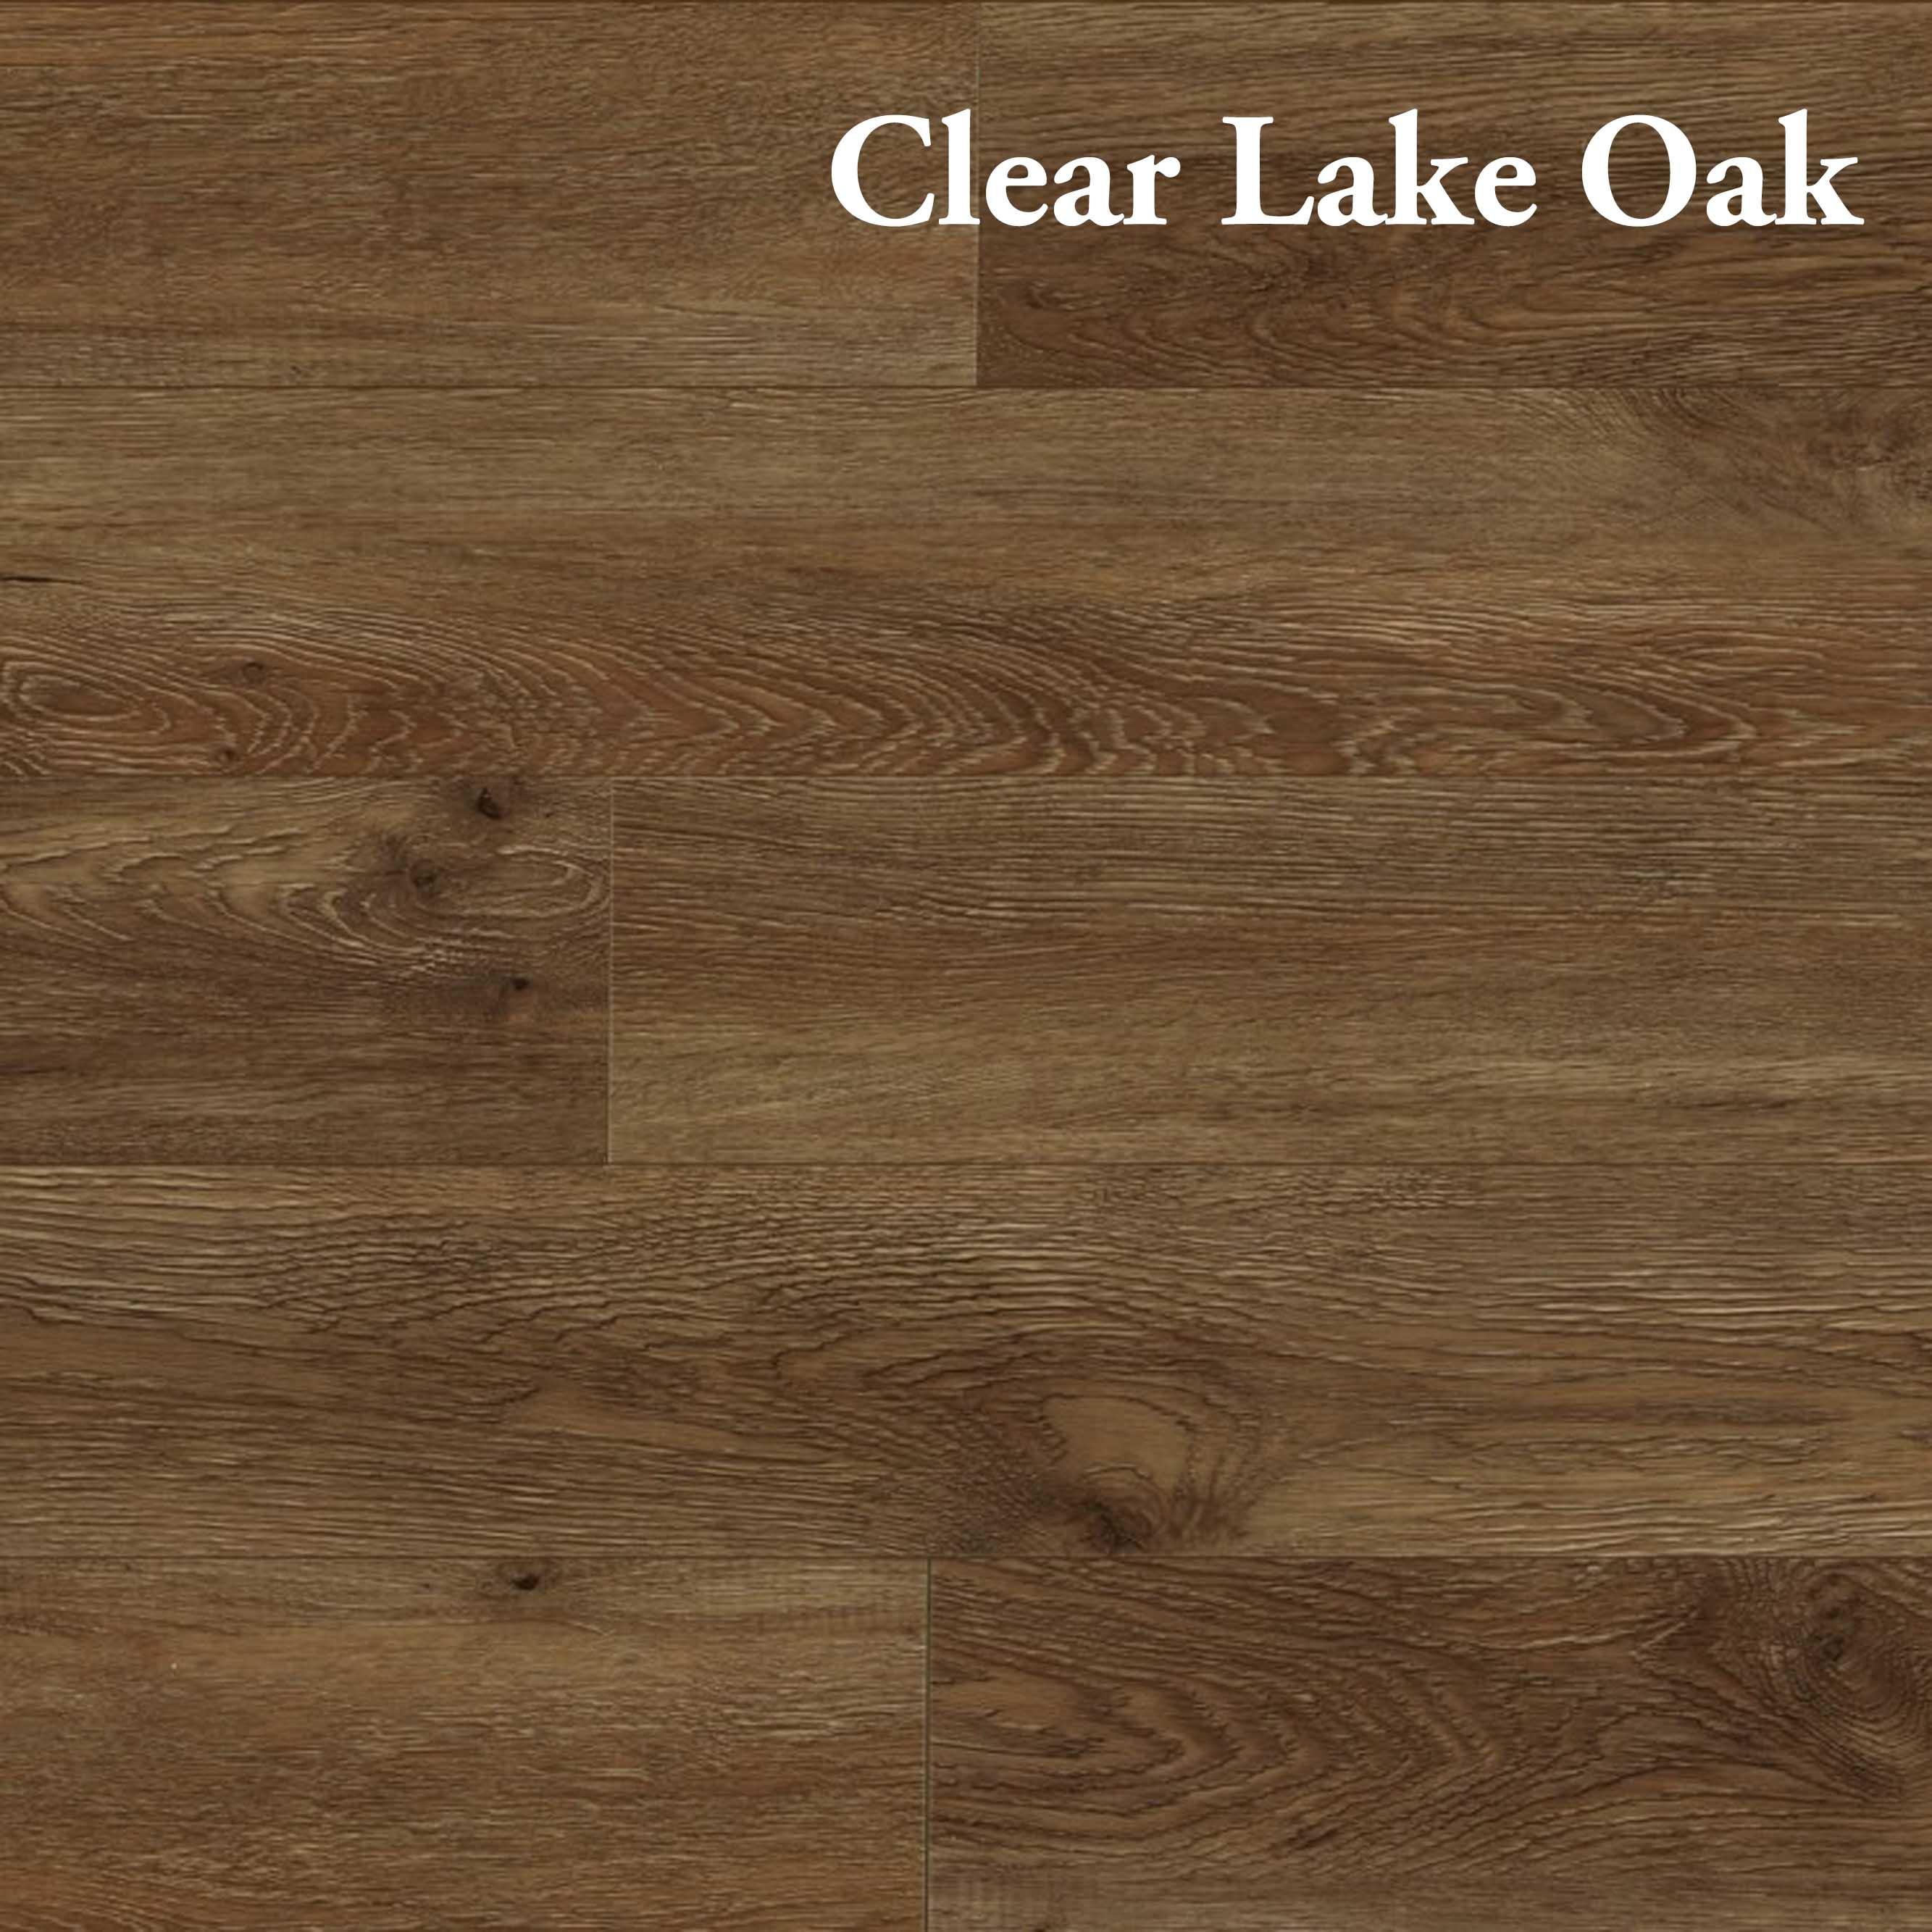 Coretec Plus 174 5 Quot Luxury Vinyl Plank Floating Floor